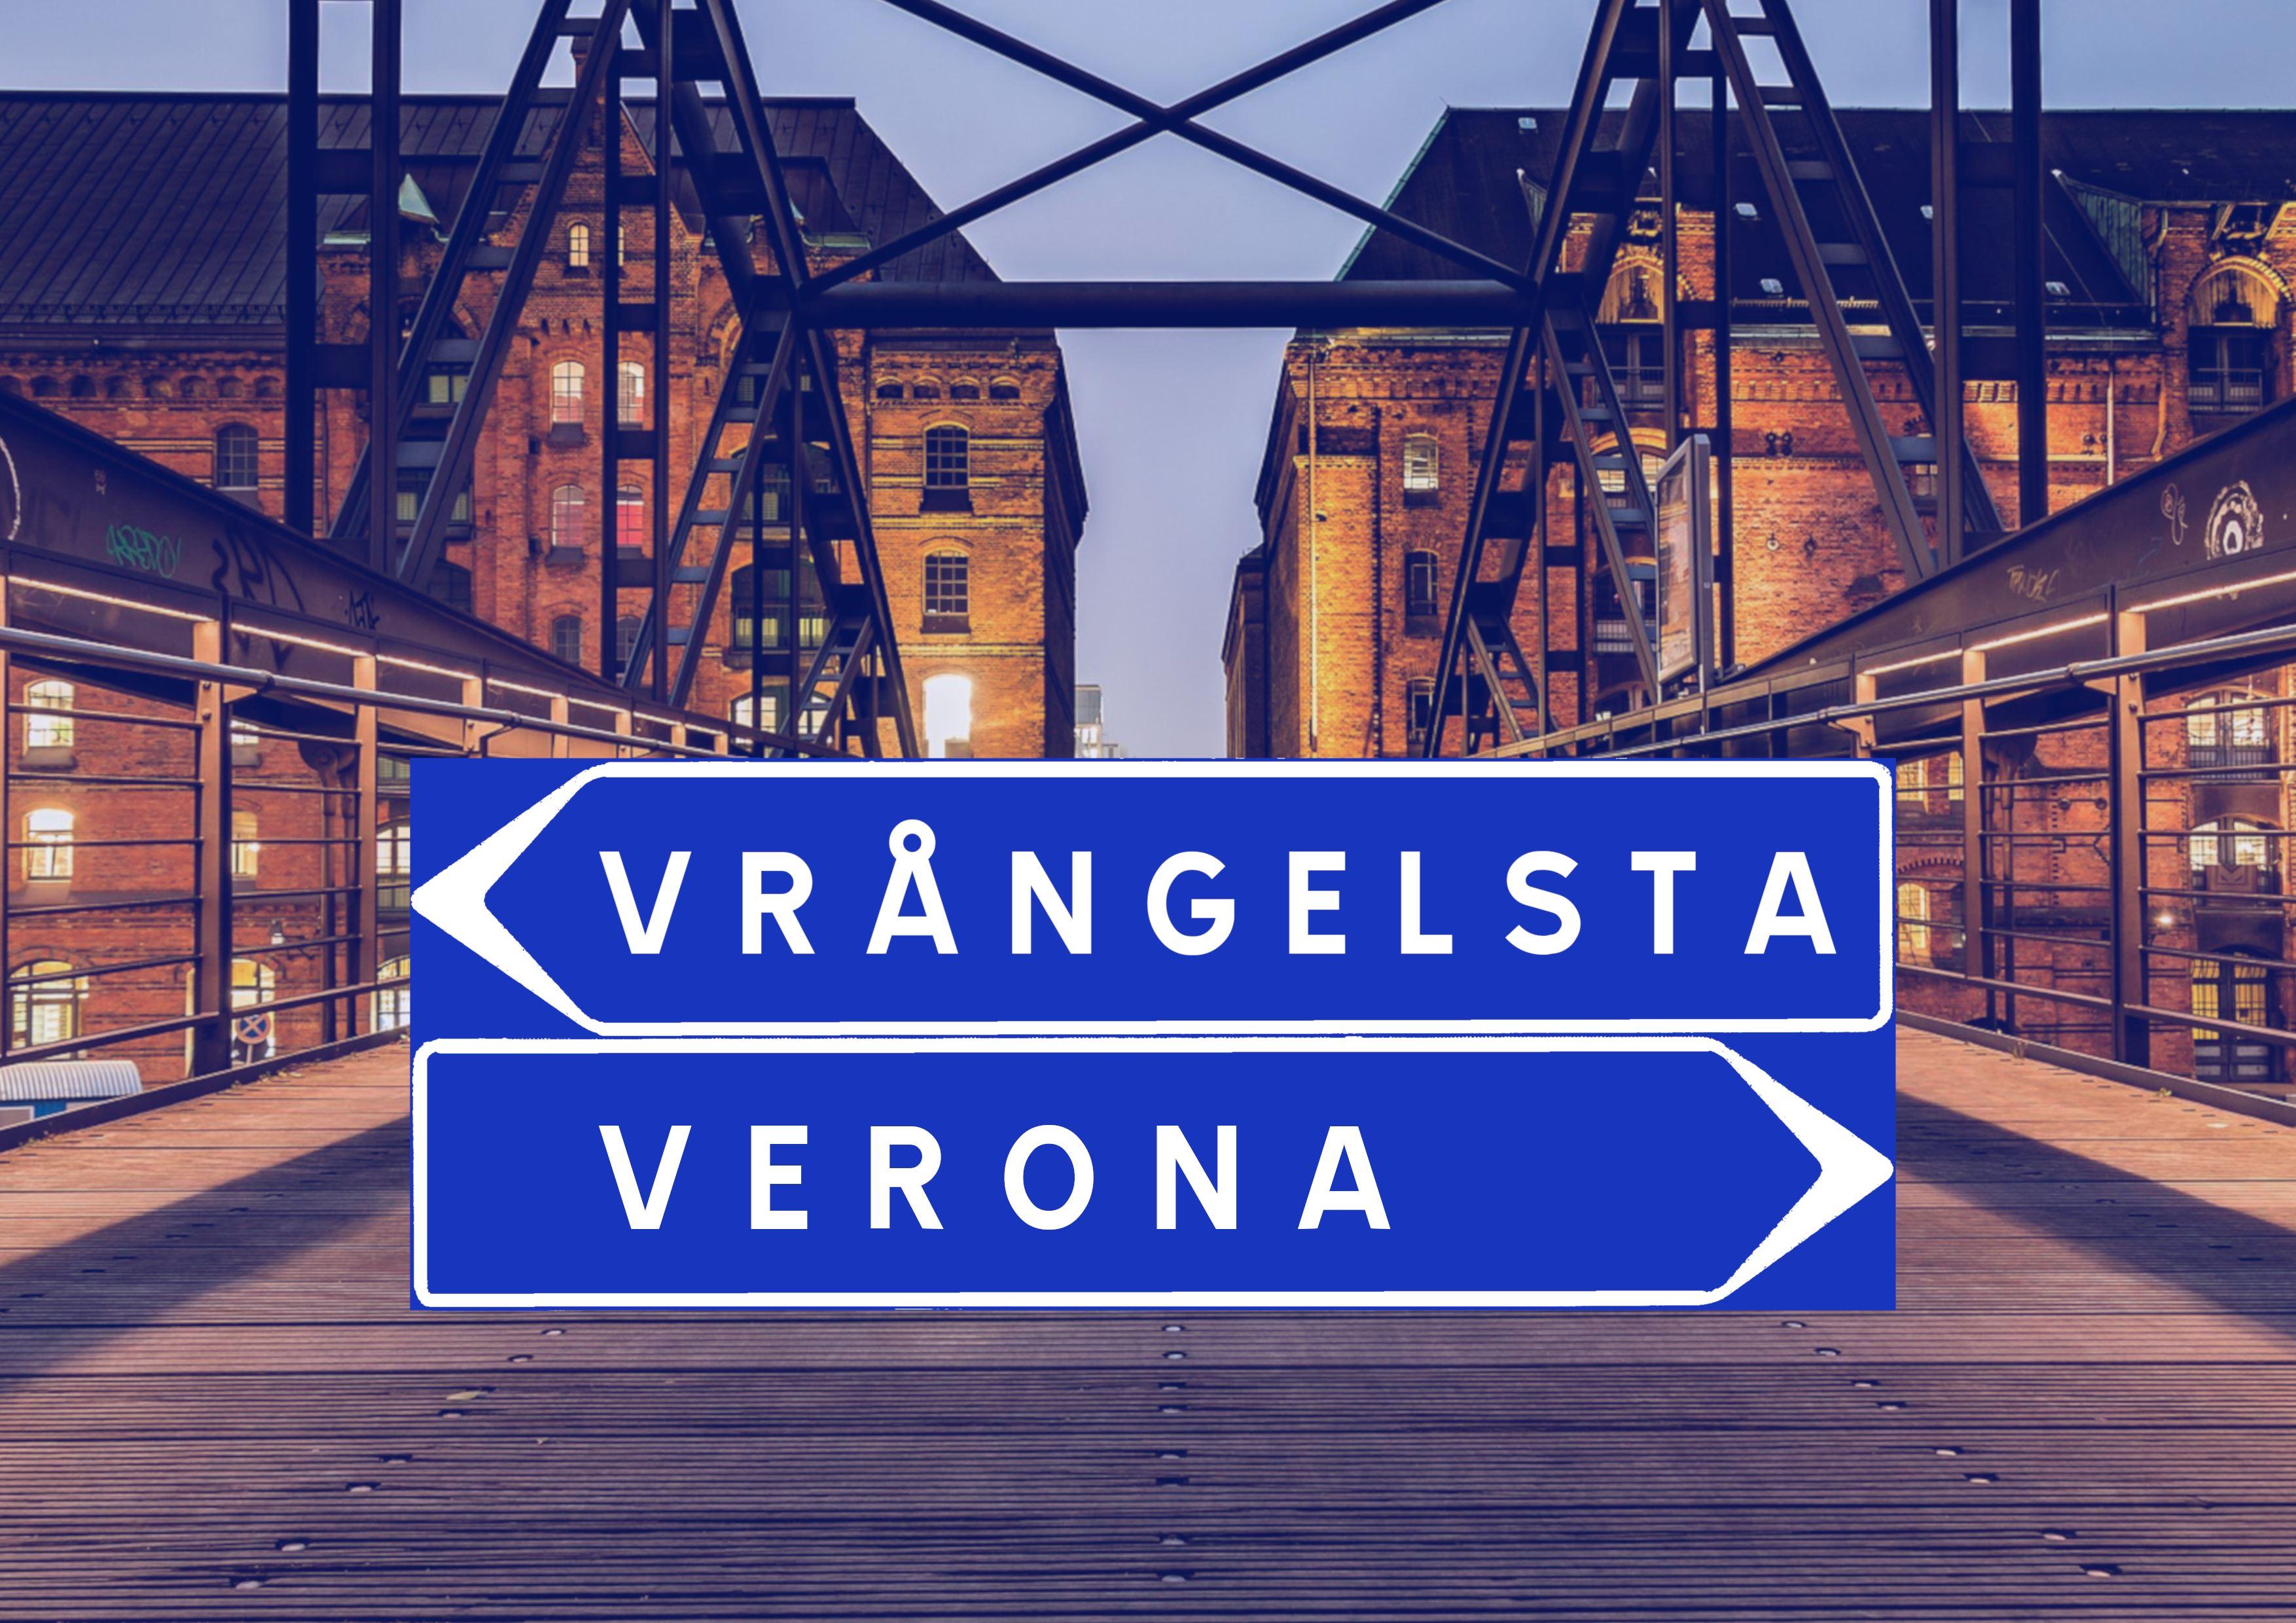 Vrångelsta/Verona